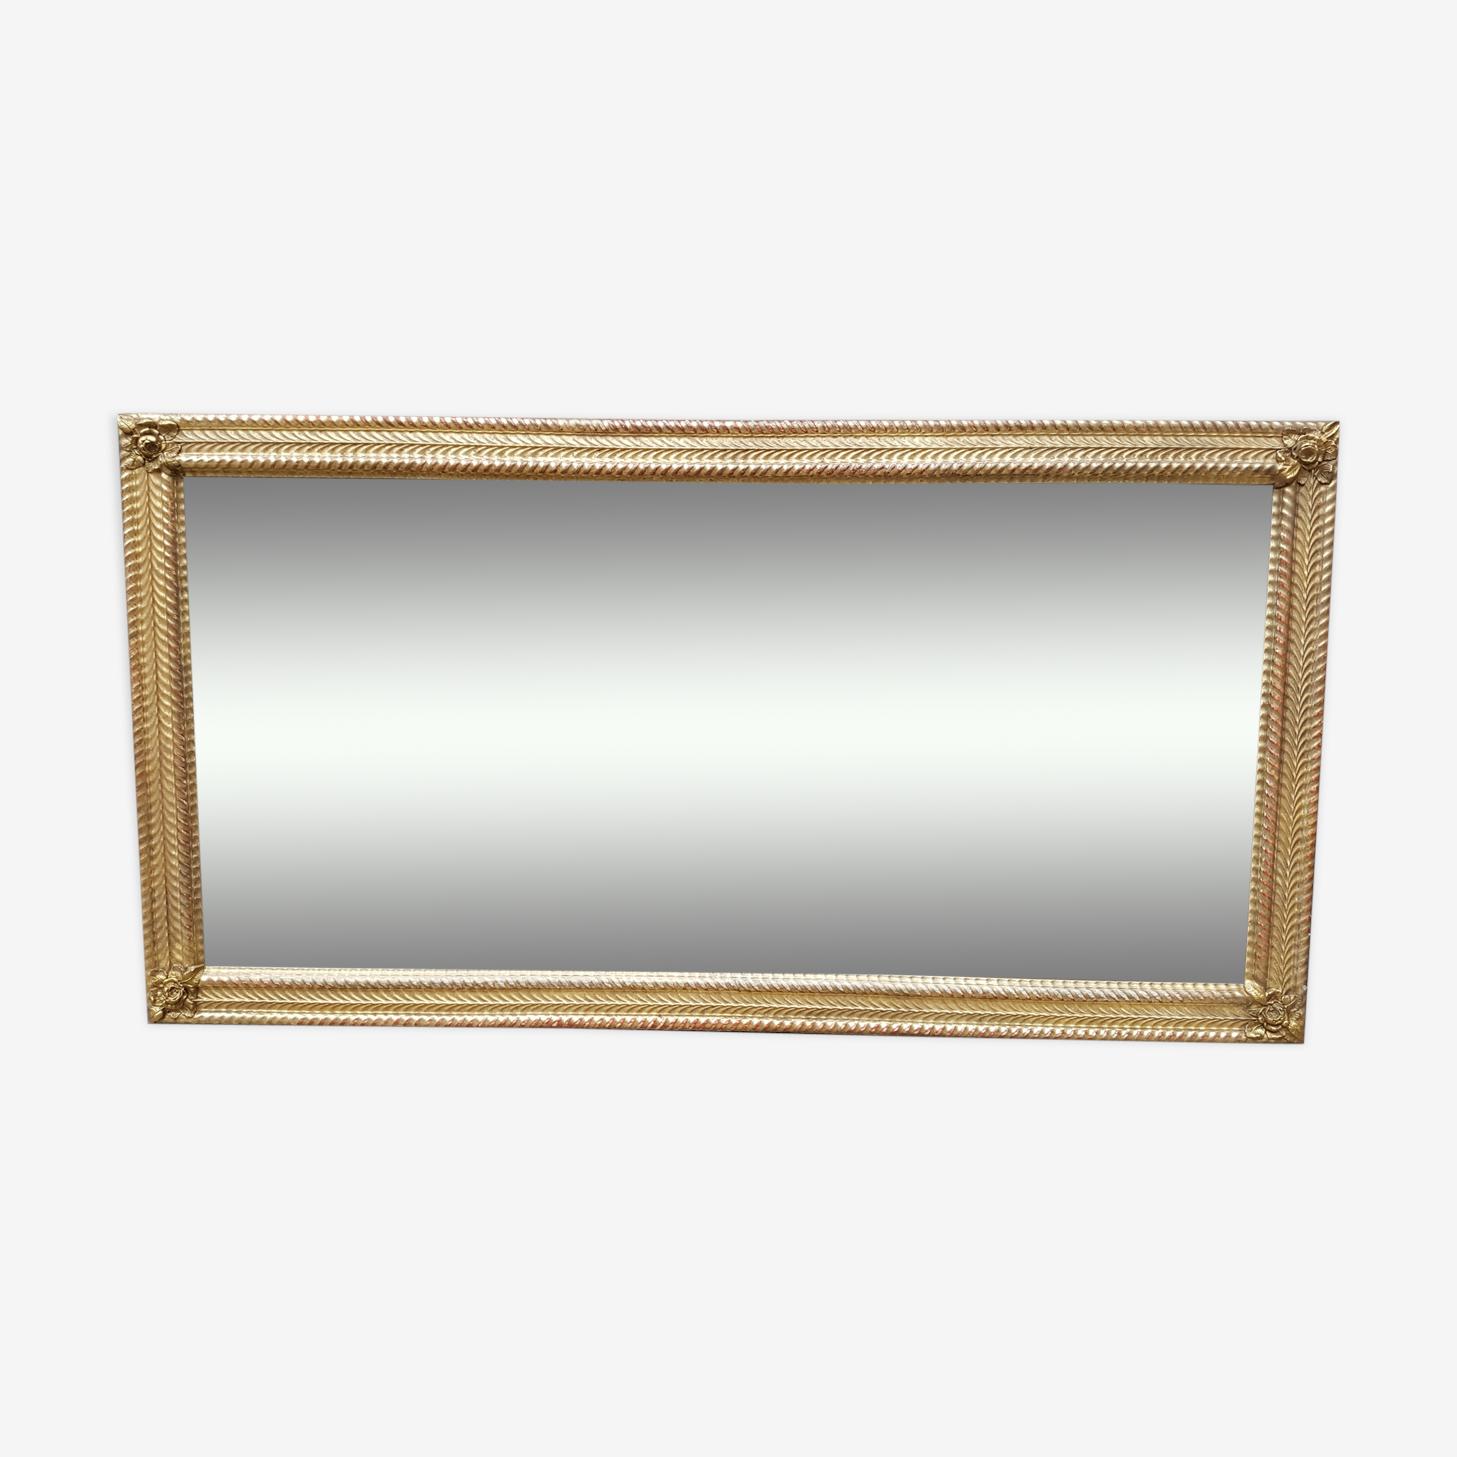 Miroir doré XIXème Napoléon III 150x78cm